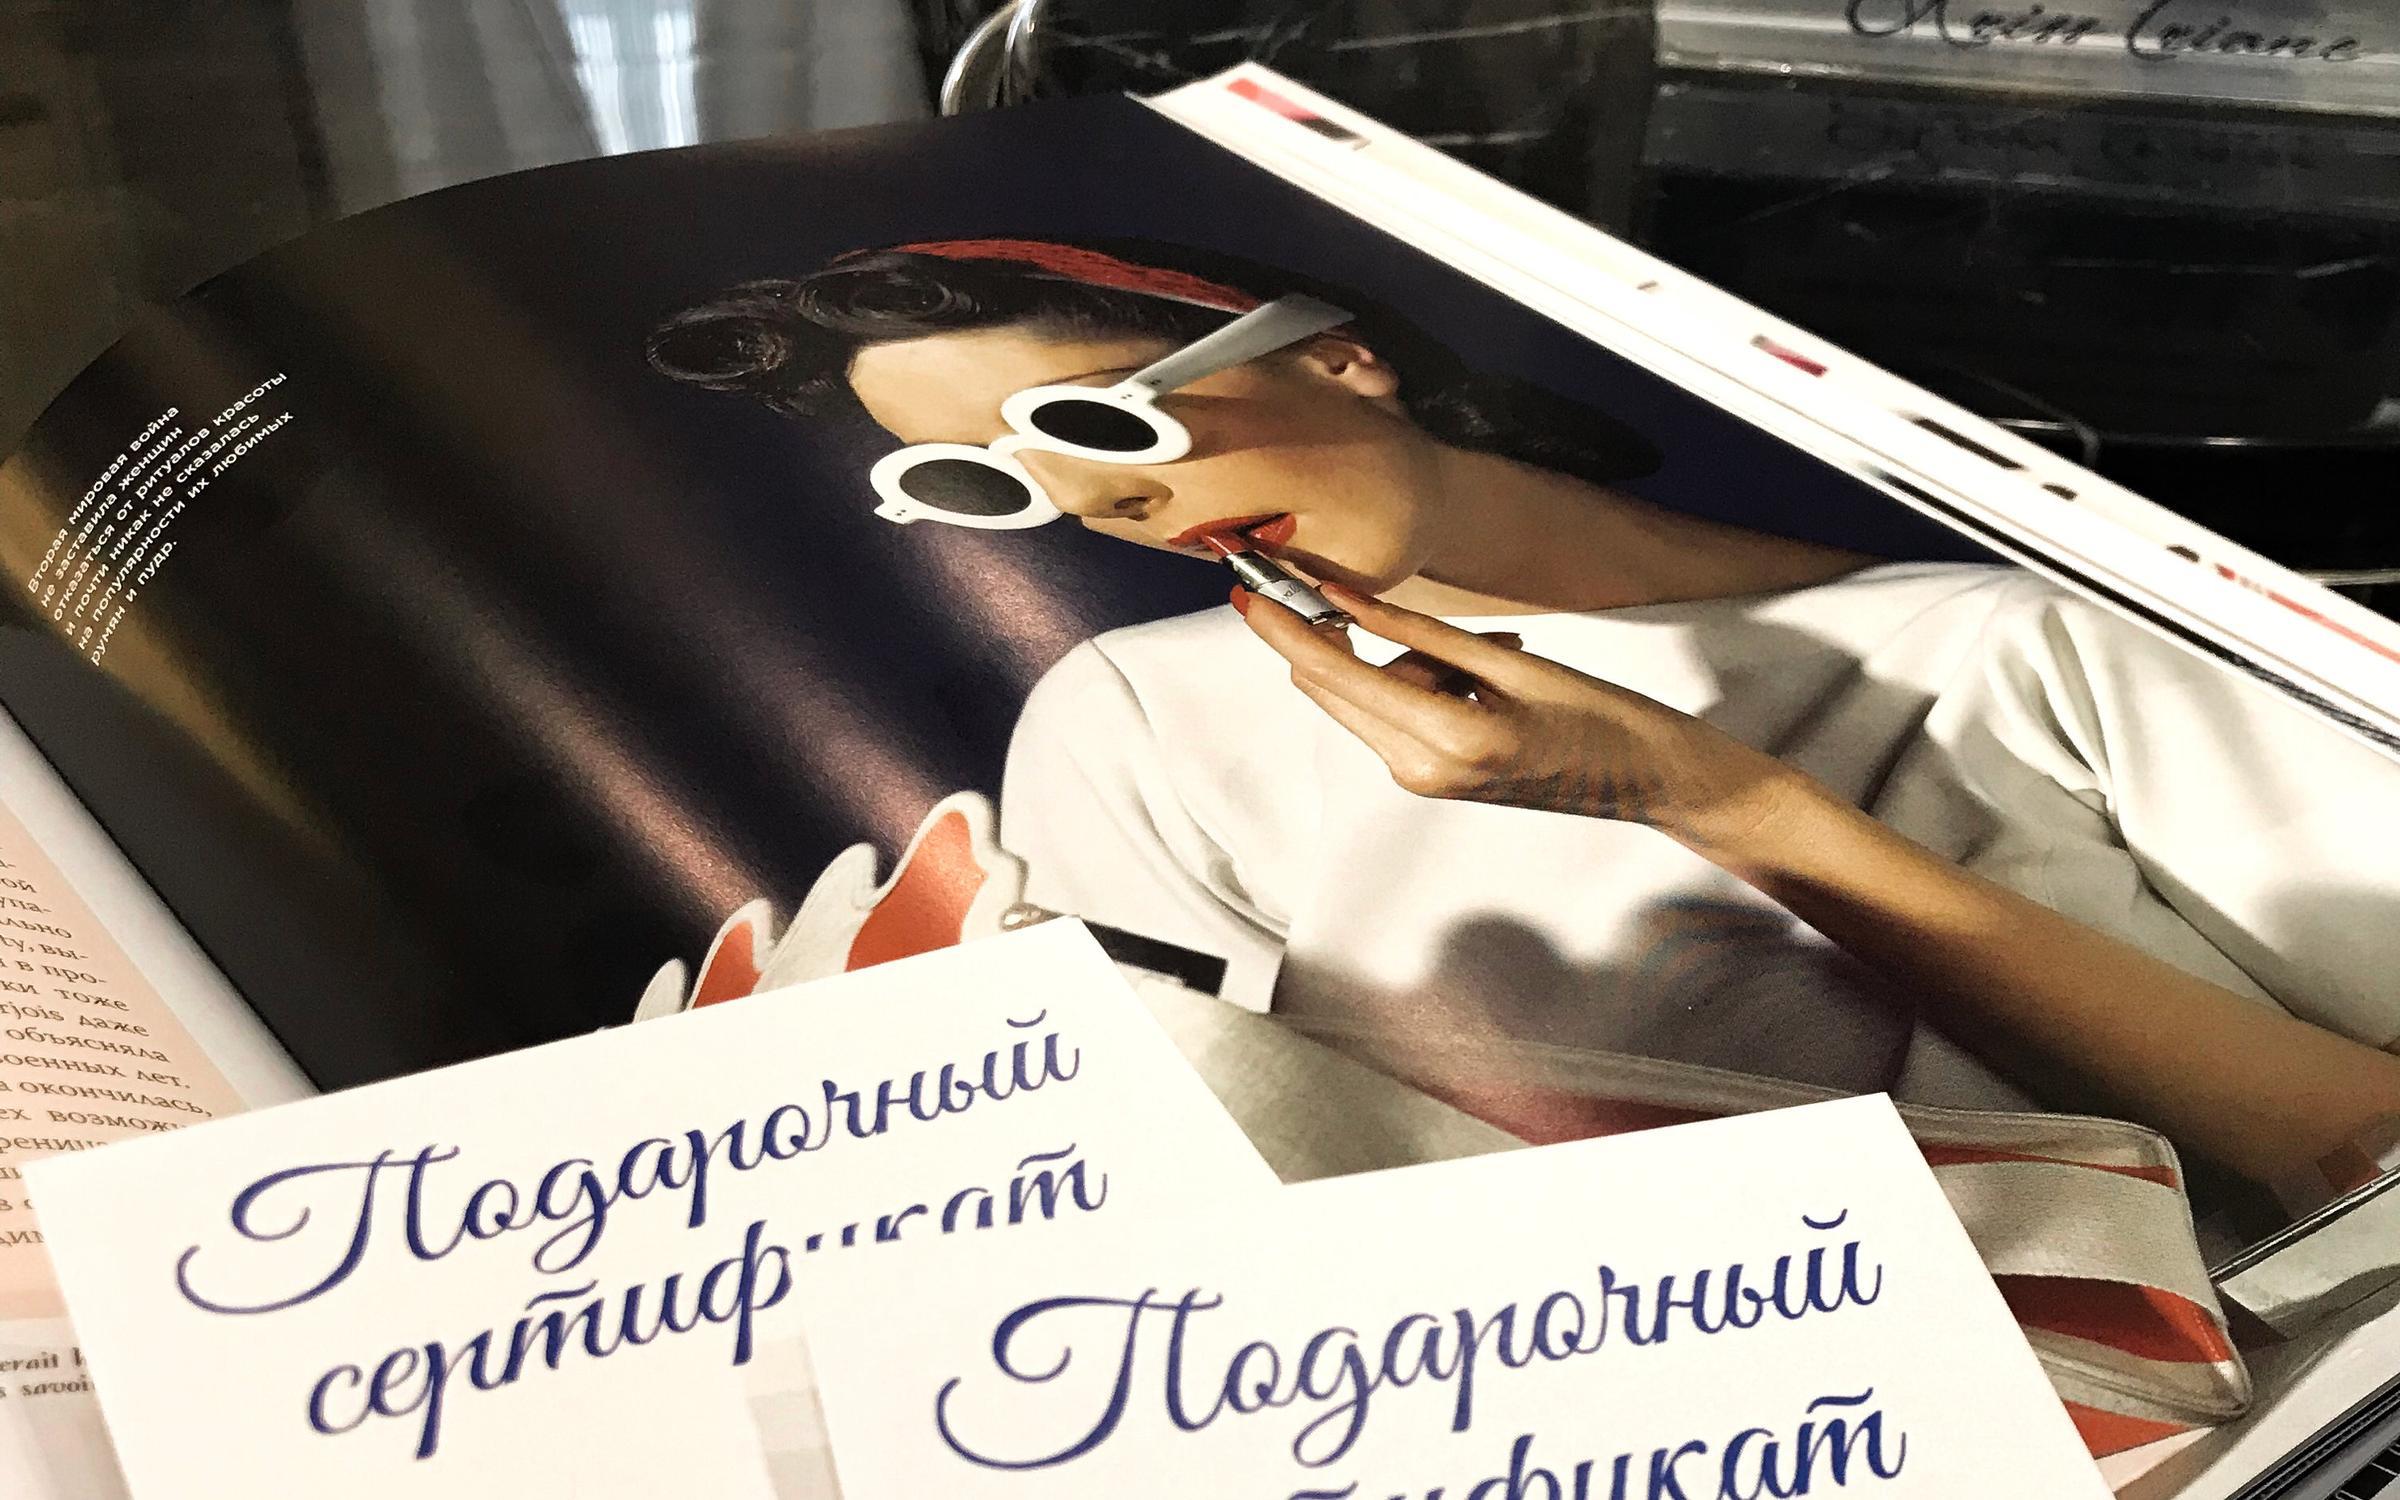 фотография Салона красоты Крисс Триан на Волочаевской улице